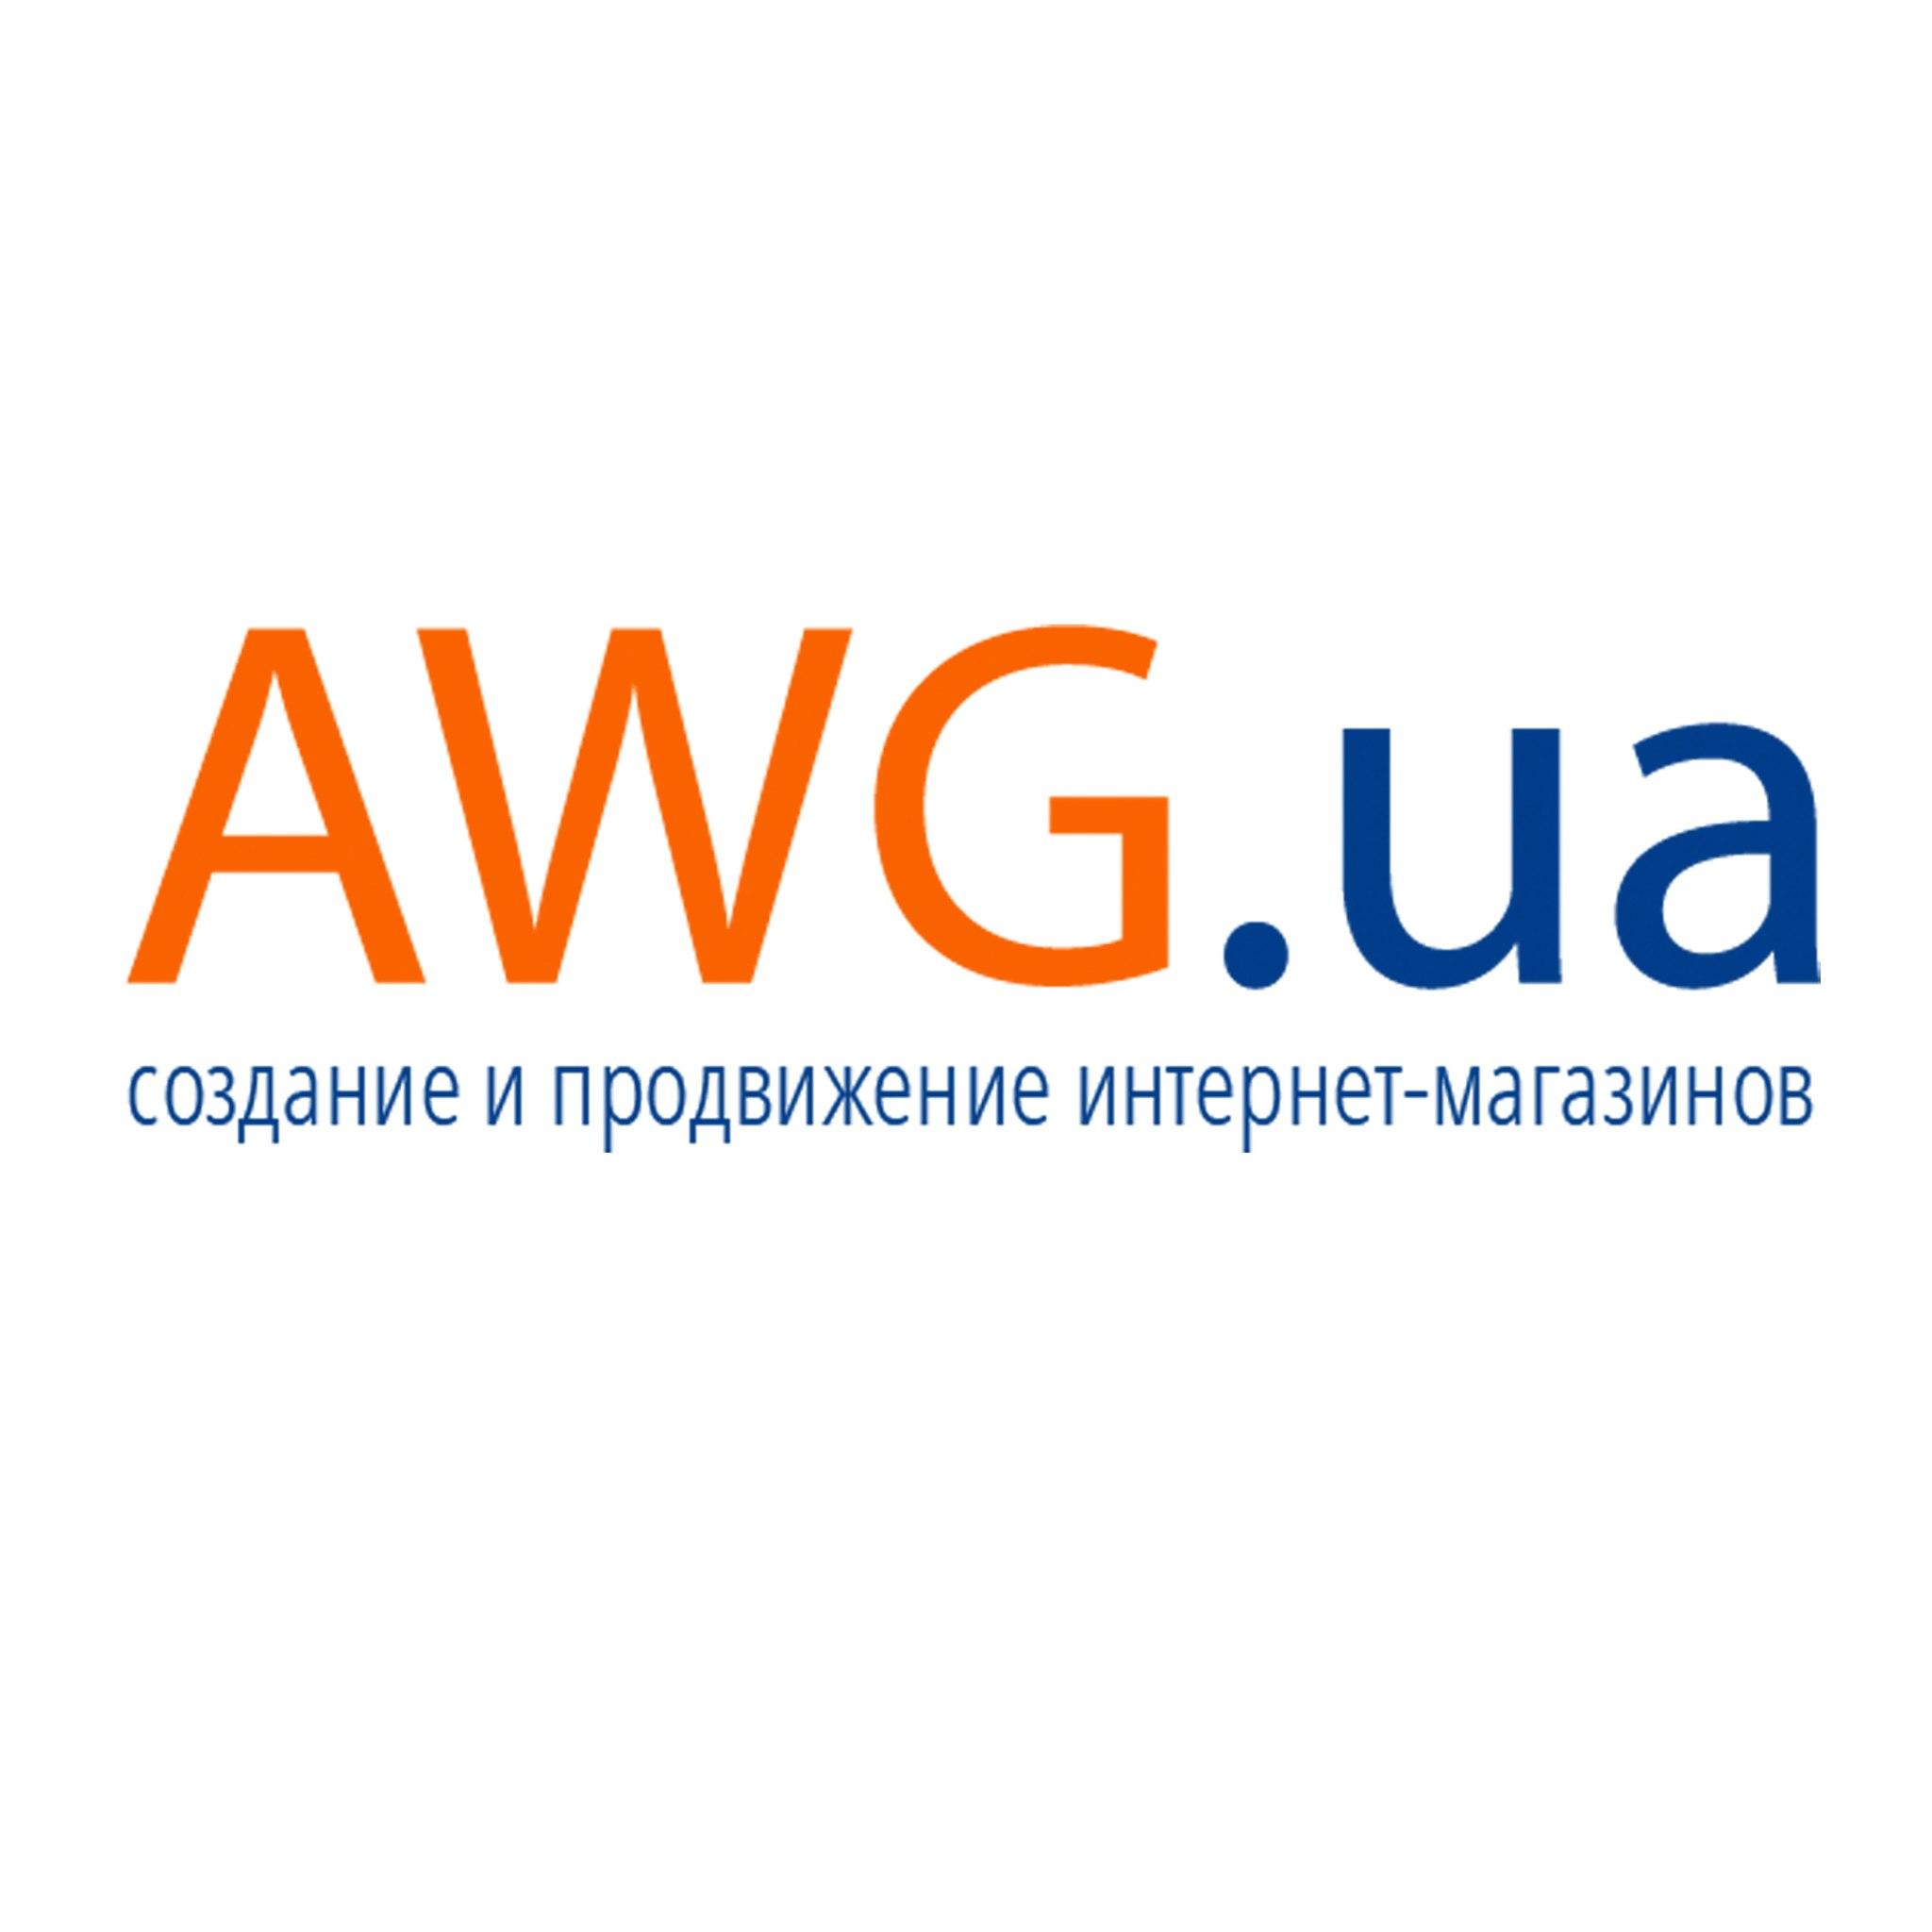 AWG.ua - создание и продвижение интернет-магазинов